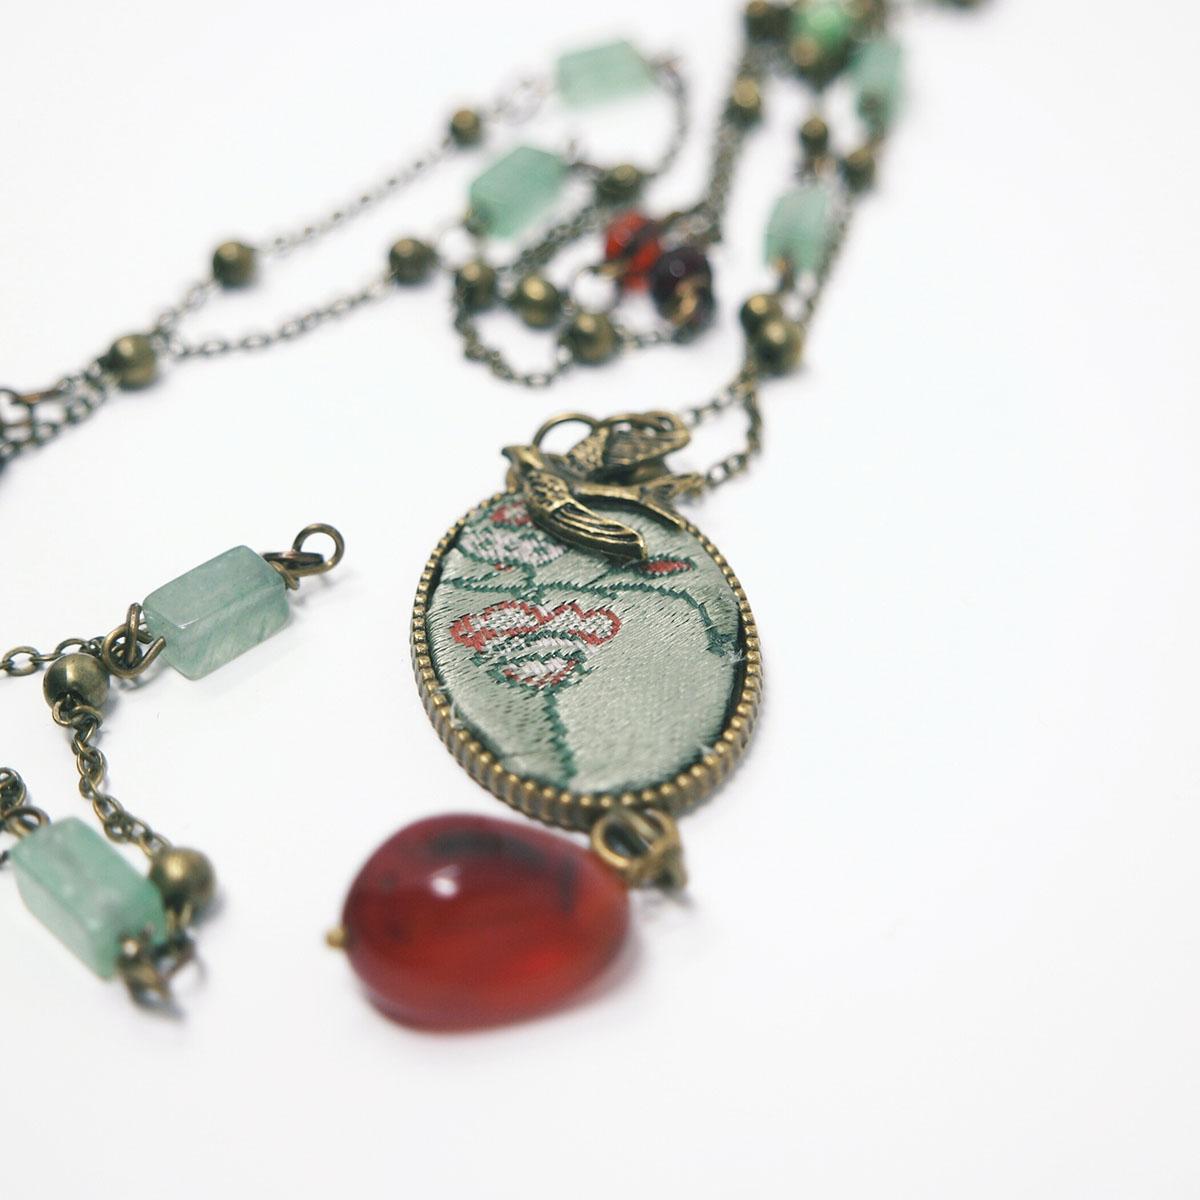 bijoux perle vetro vintage handmade